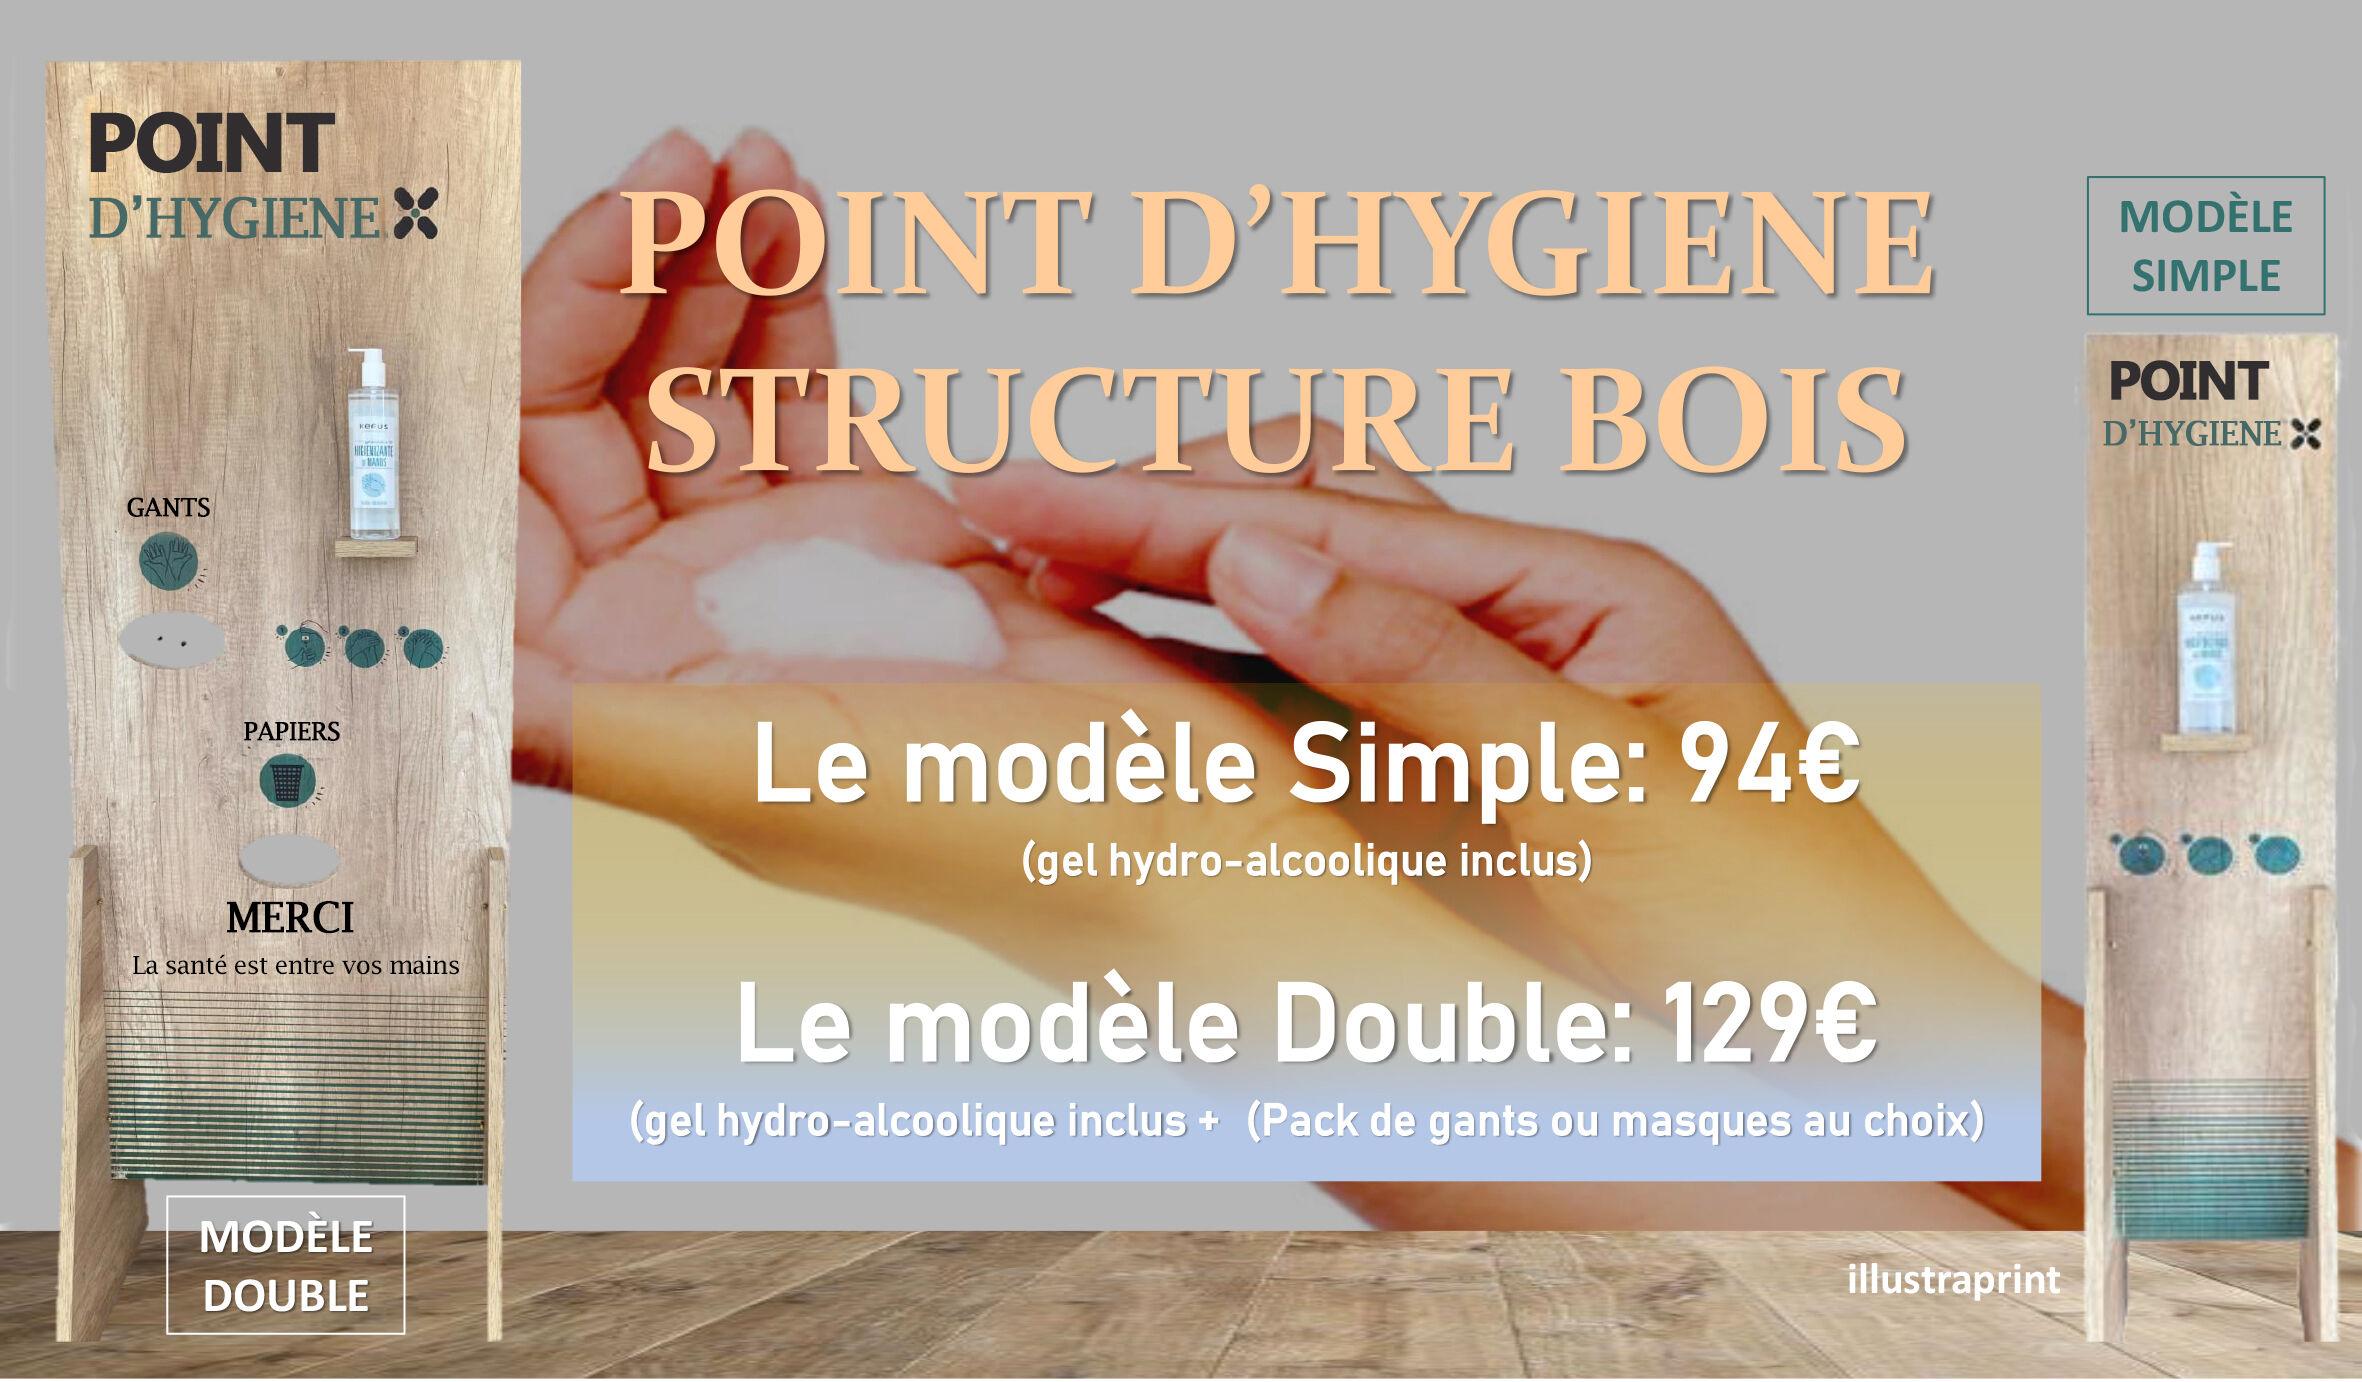 vente point hygiène structure bois